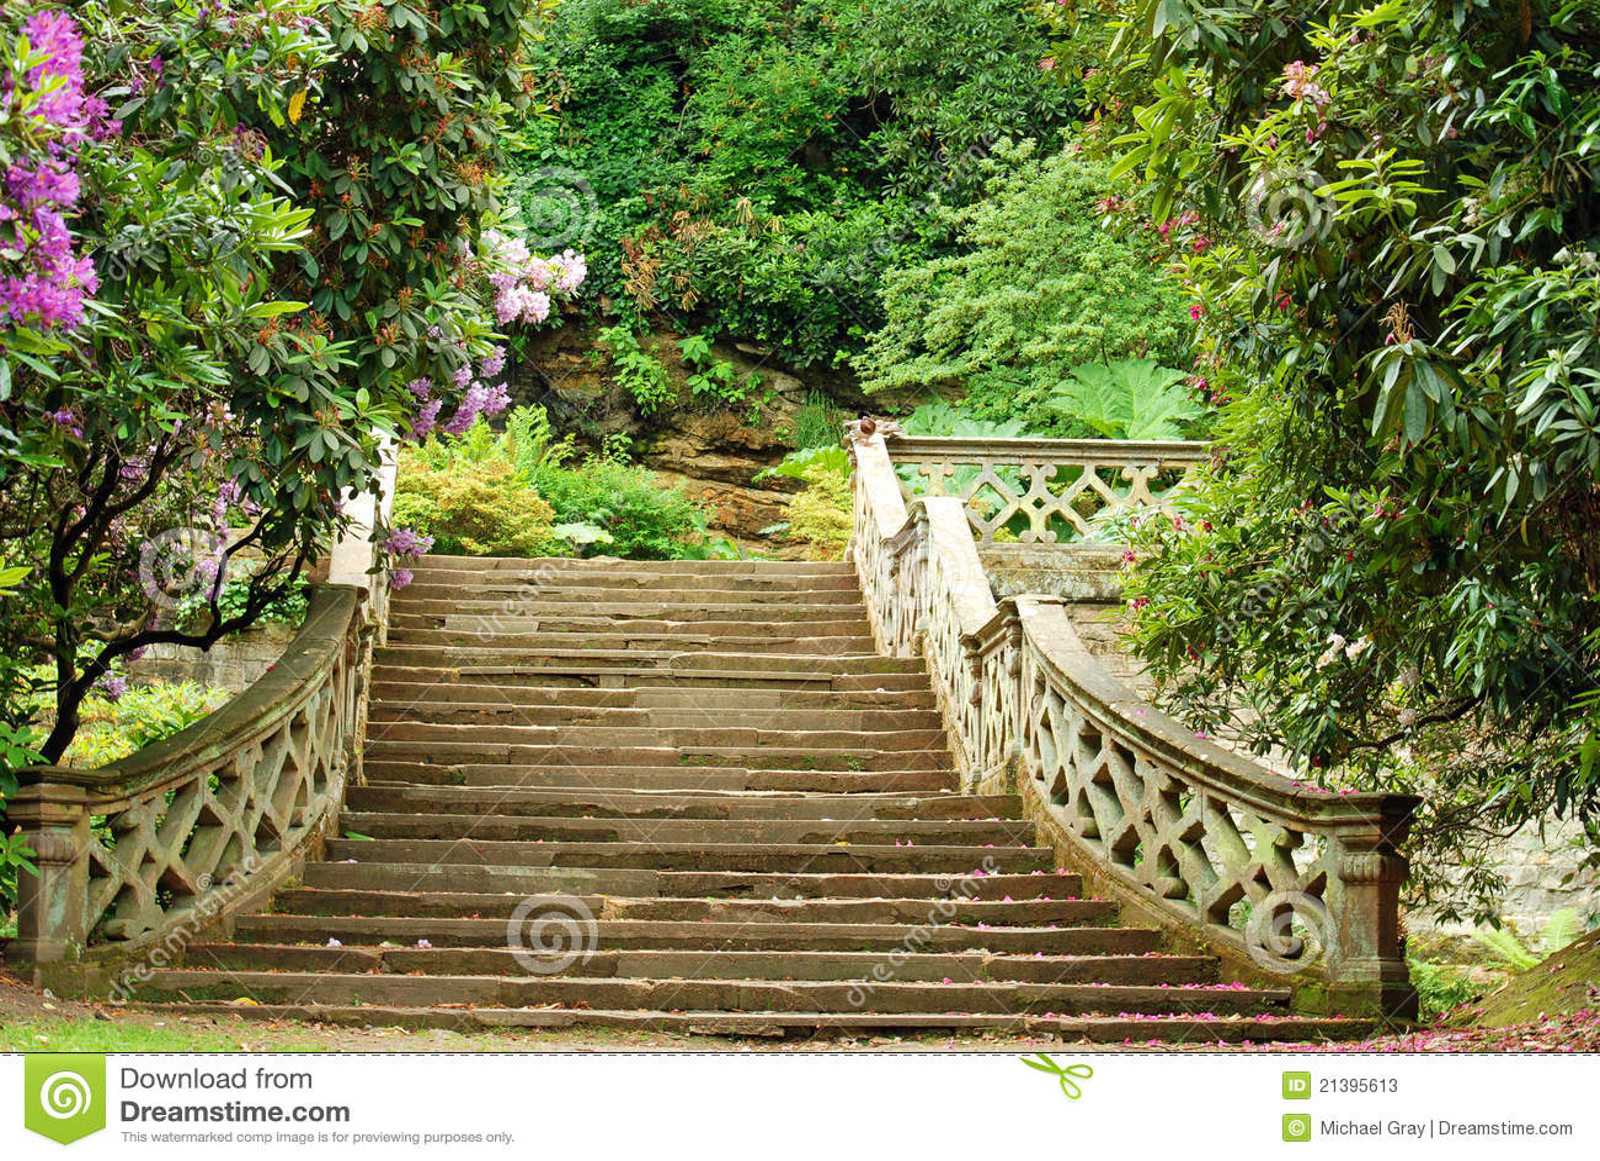 Escaleras de piedra en los jardines inglaterra del for Fotos de jardines con piedras